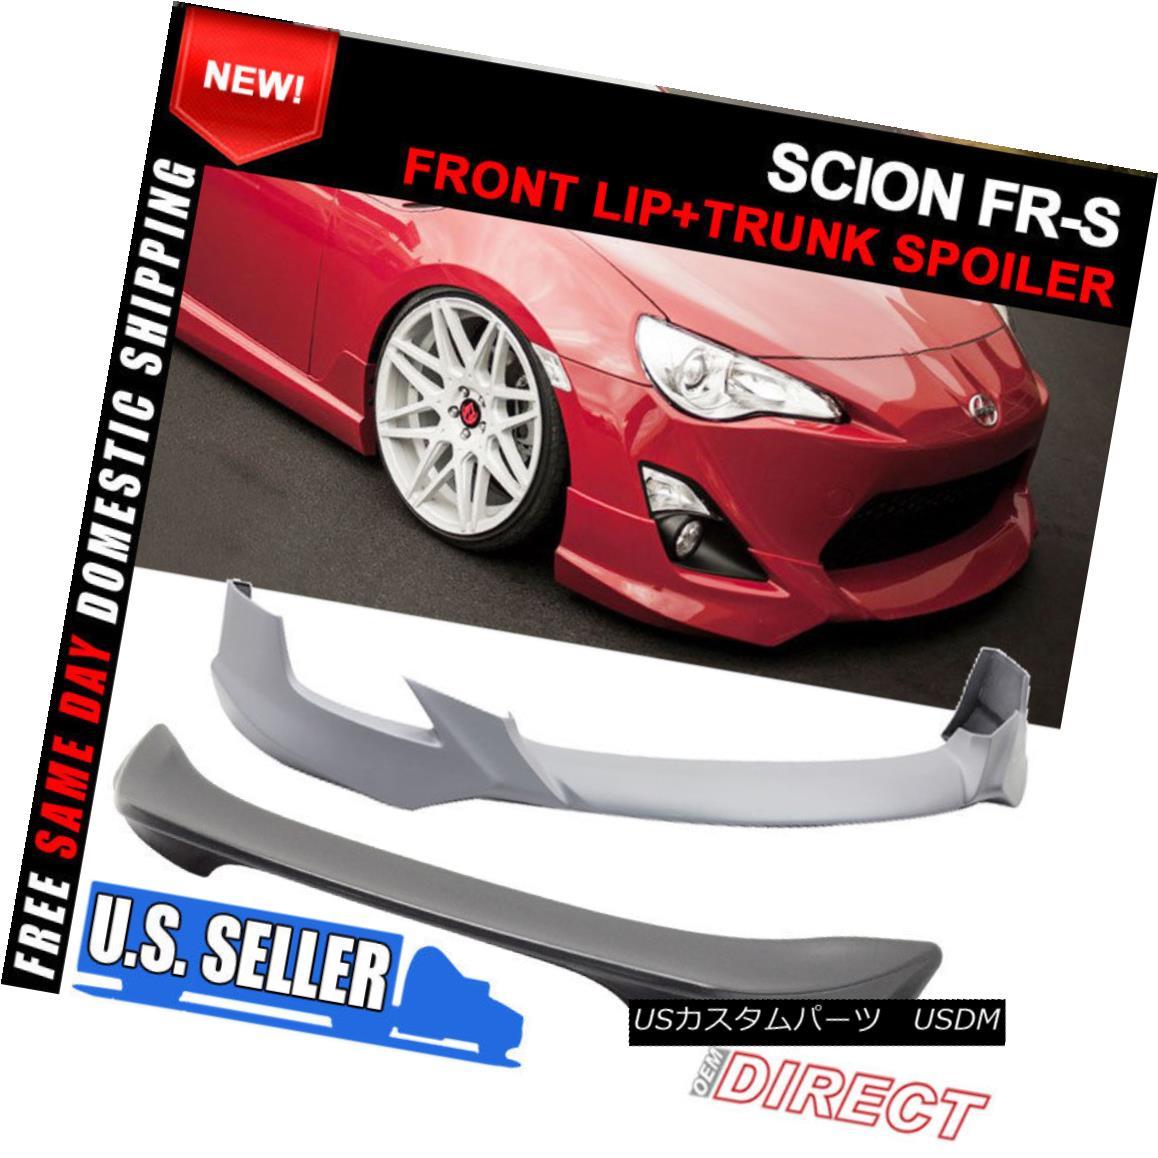 エアロパーツ For 13-16 Scion FRS GT86 5 Design Front Bumper Lip + Tr Style Trunk Spoiler ABS 13-16シオンFRS GT86 5デザインフロントバンパーリップ+ TrスタイルトランクスポイラーABS